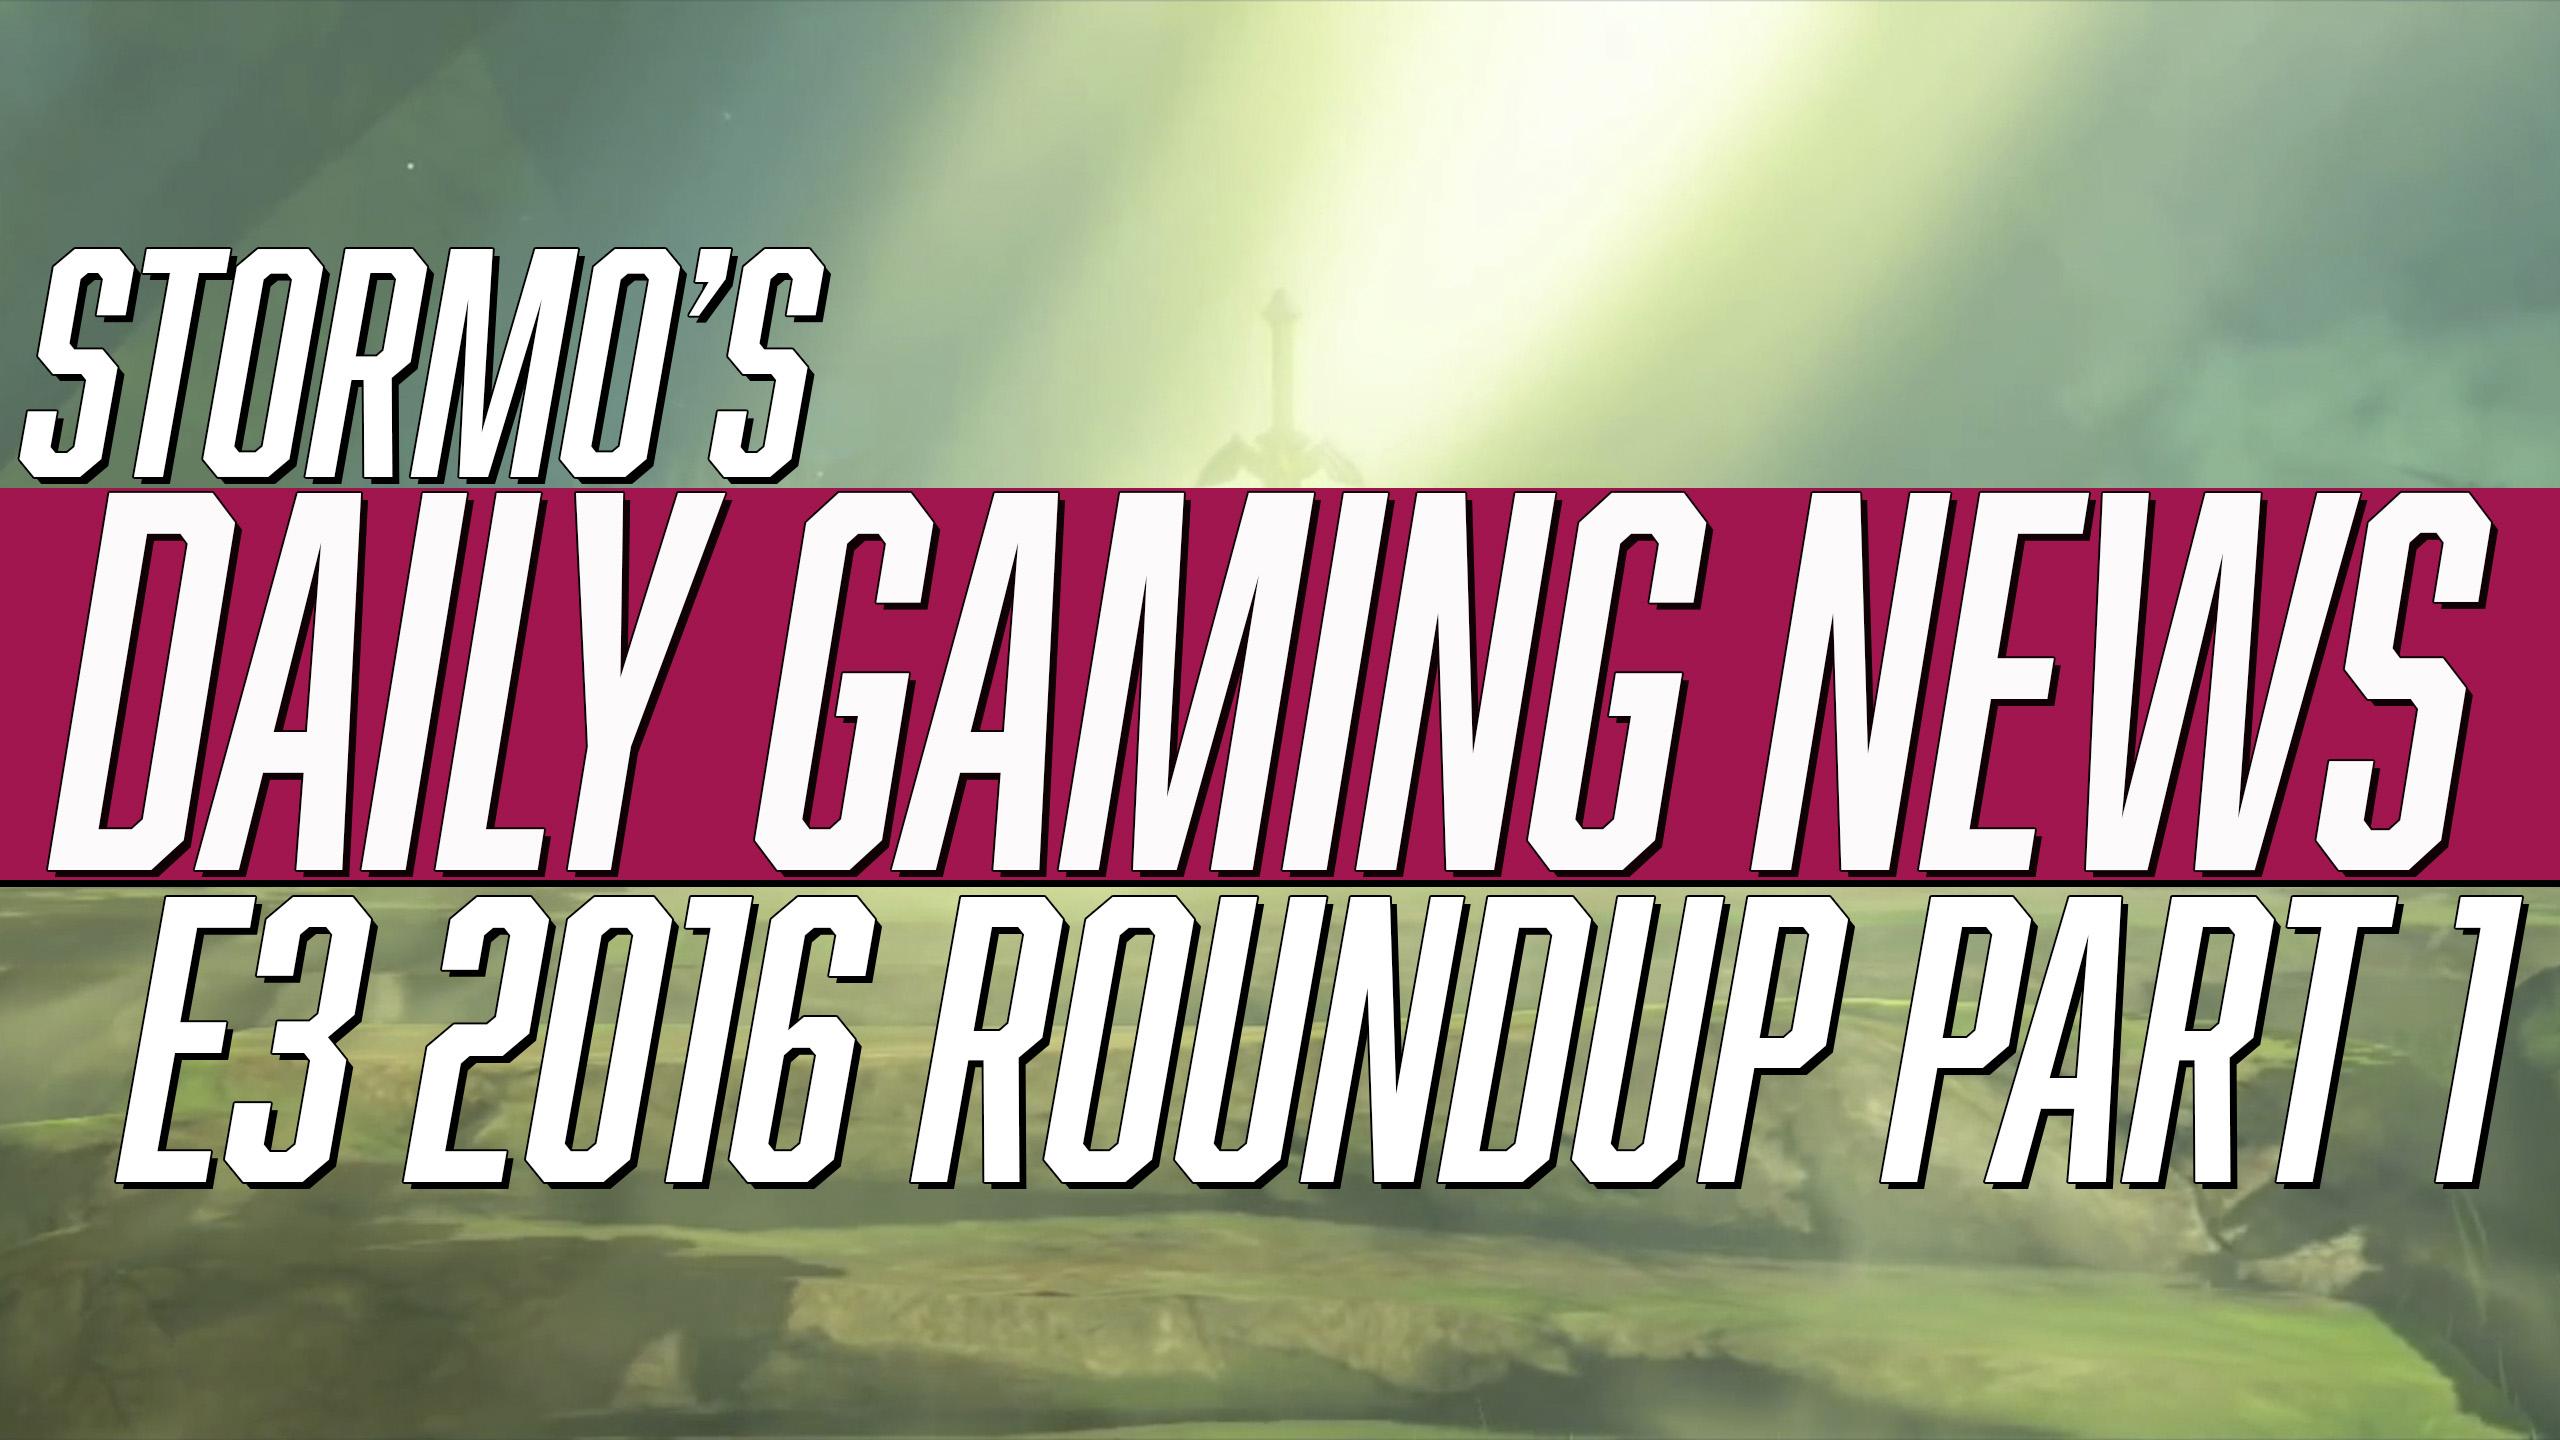 E3 2016 Roundup 1